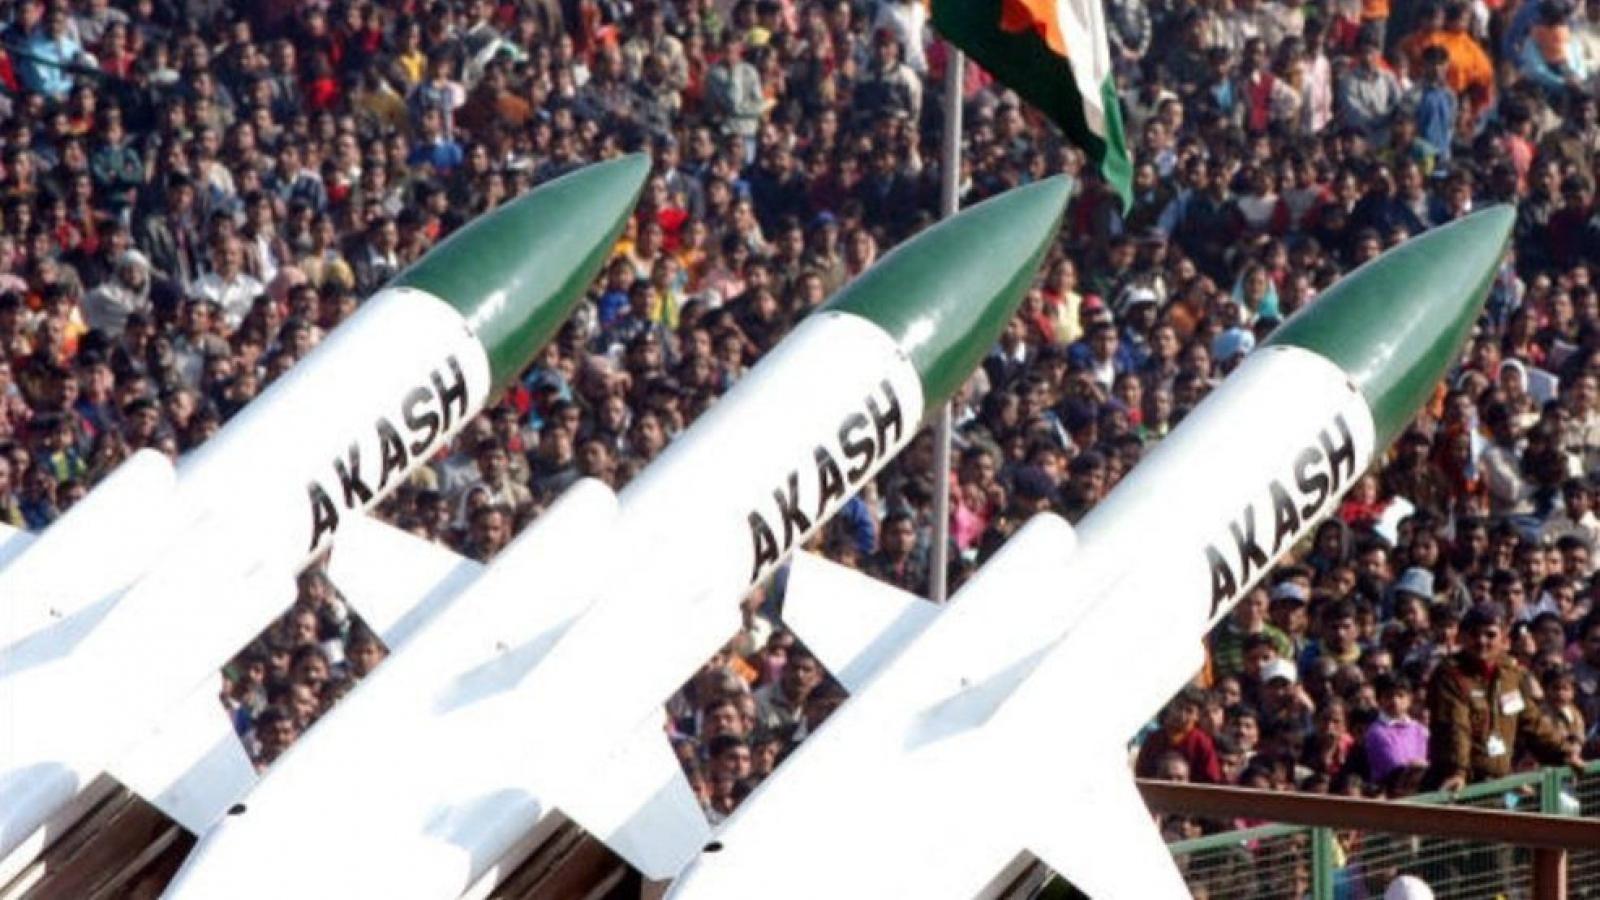 Ấn Độ thông qua quyết định cho phép xuất khẩu hệ thống phòng không Akash